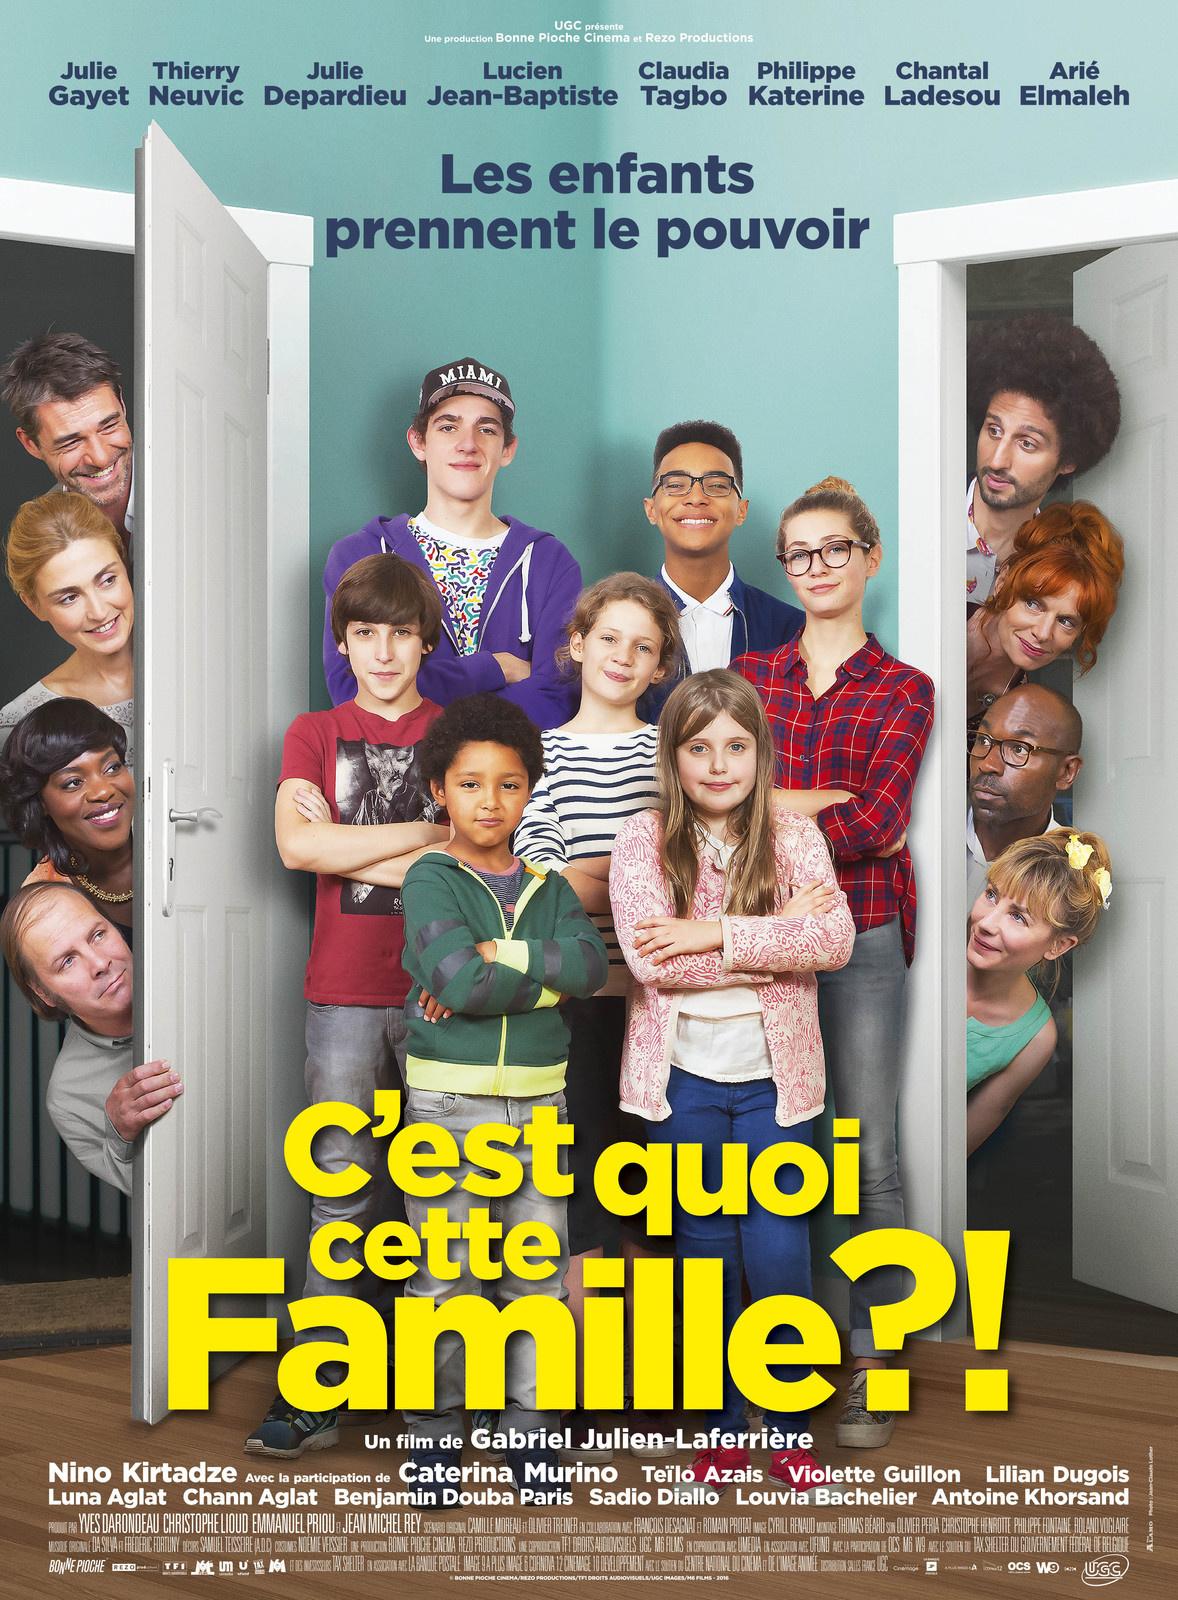 C'est quoi cette famille - Gabriel Julien-Laferriere - Gayet - Neuvic - Depardieu - Tagbo - Philippe Katerine - Chantal Ladesou - Arié Elmaleh